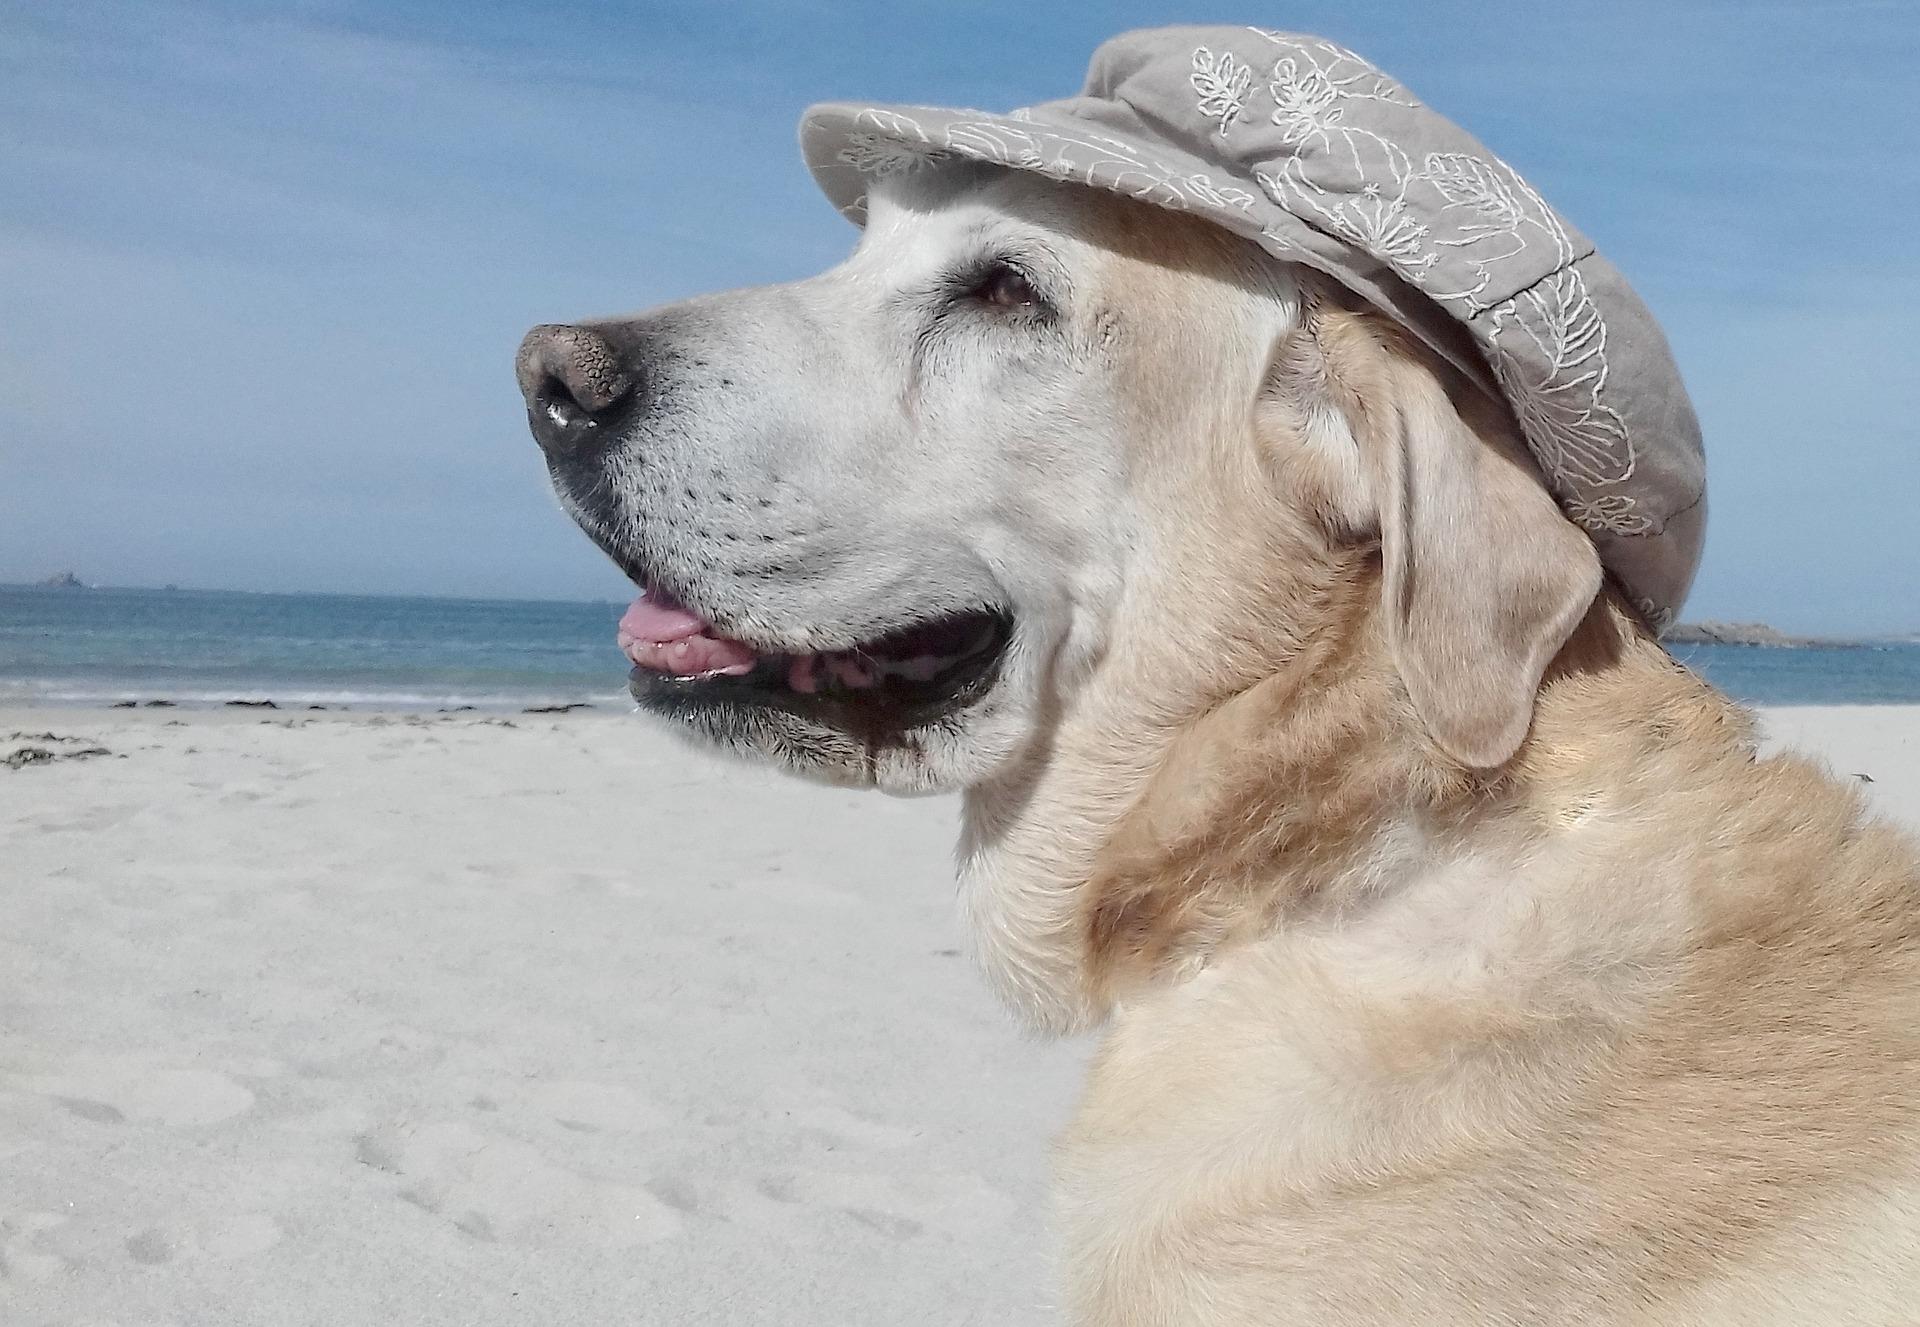 Feriendomizile mit Hund in St. Peter-Ording - Ferienwohnungen und Ferienhäuser für die Herbstferien mit Hund